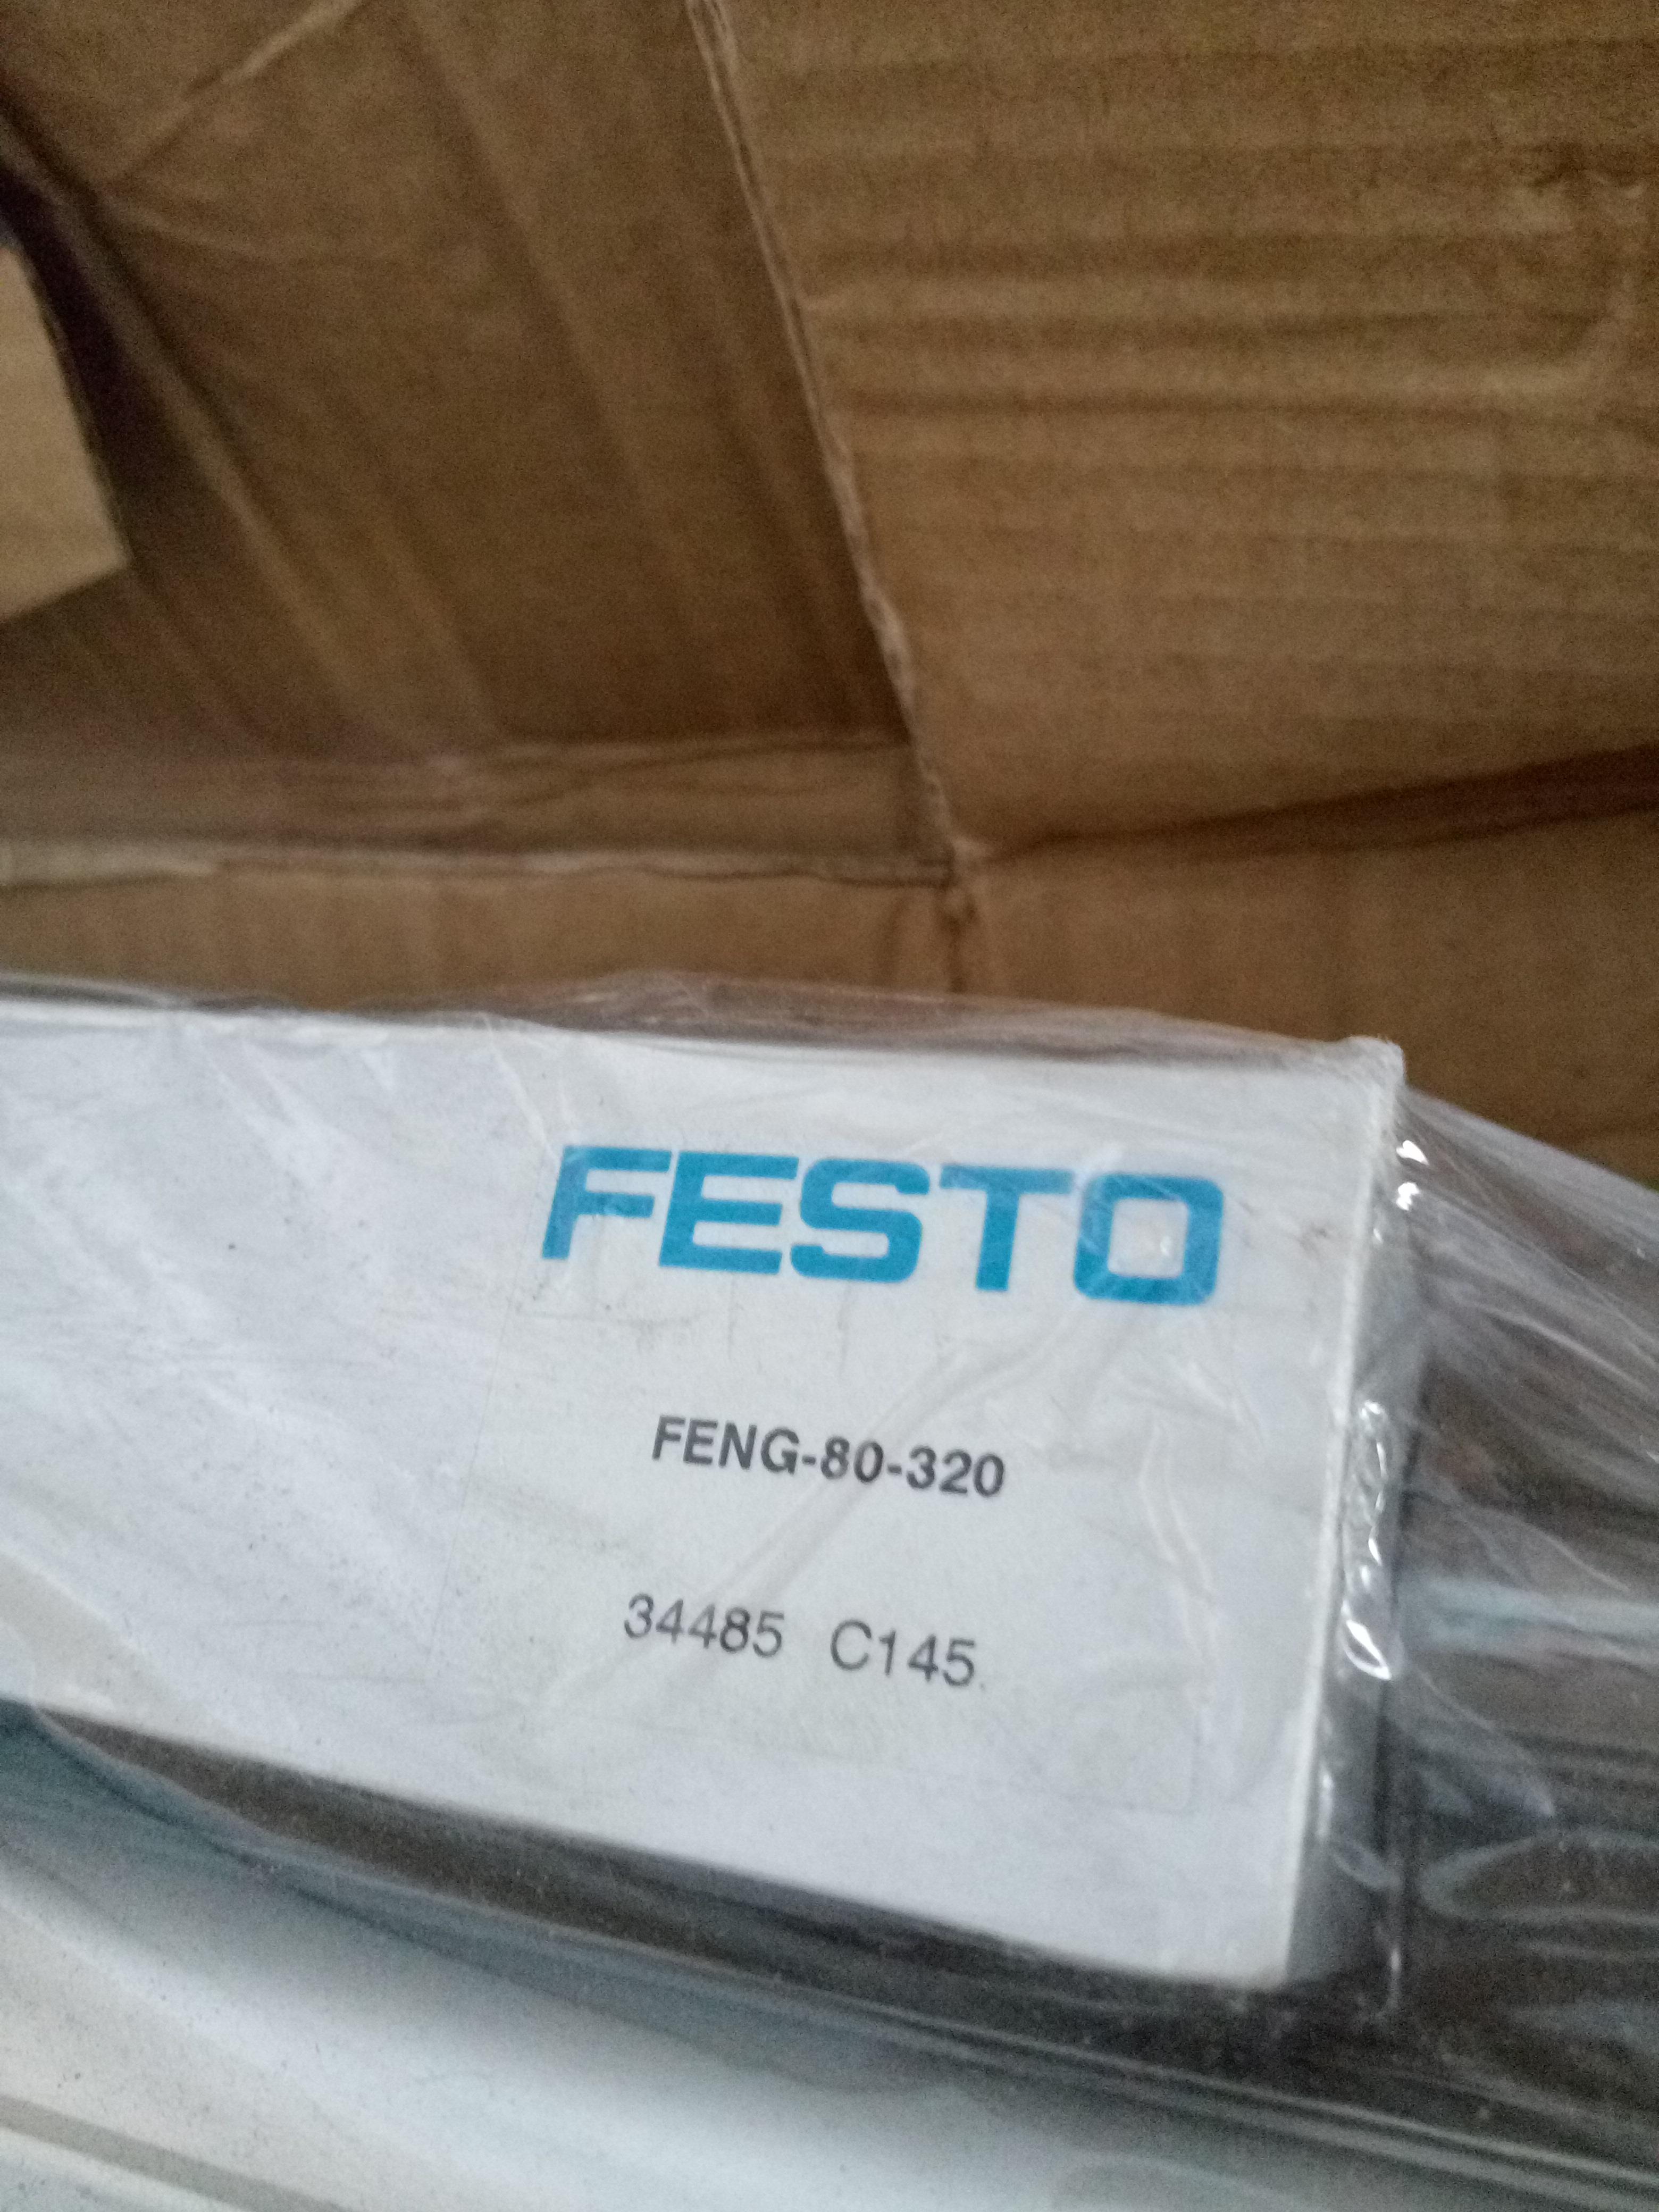 Nieuwe originele festo cilinder FENG-80-32034485 een straf van tien speciale plek.